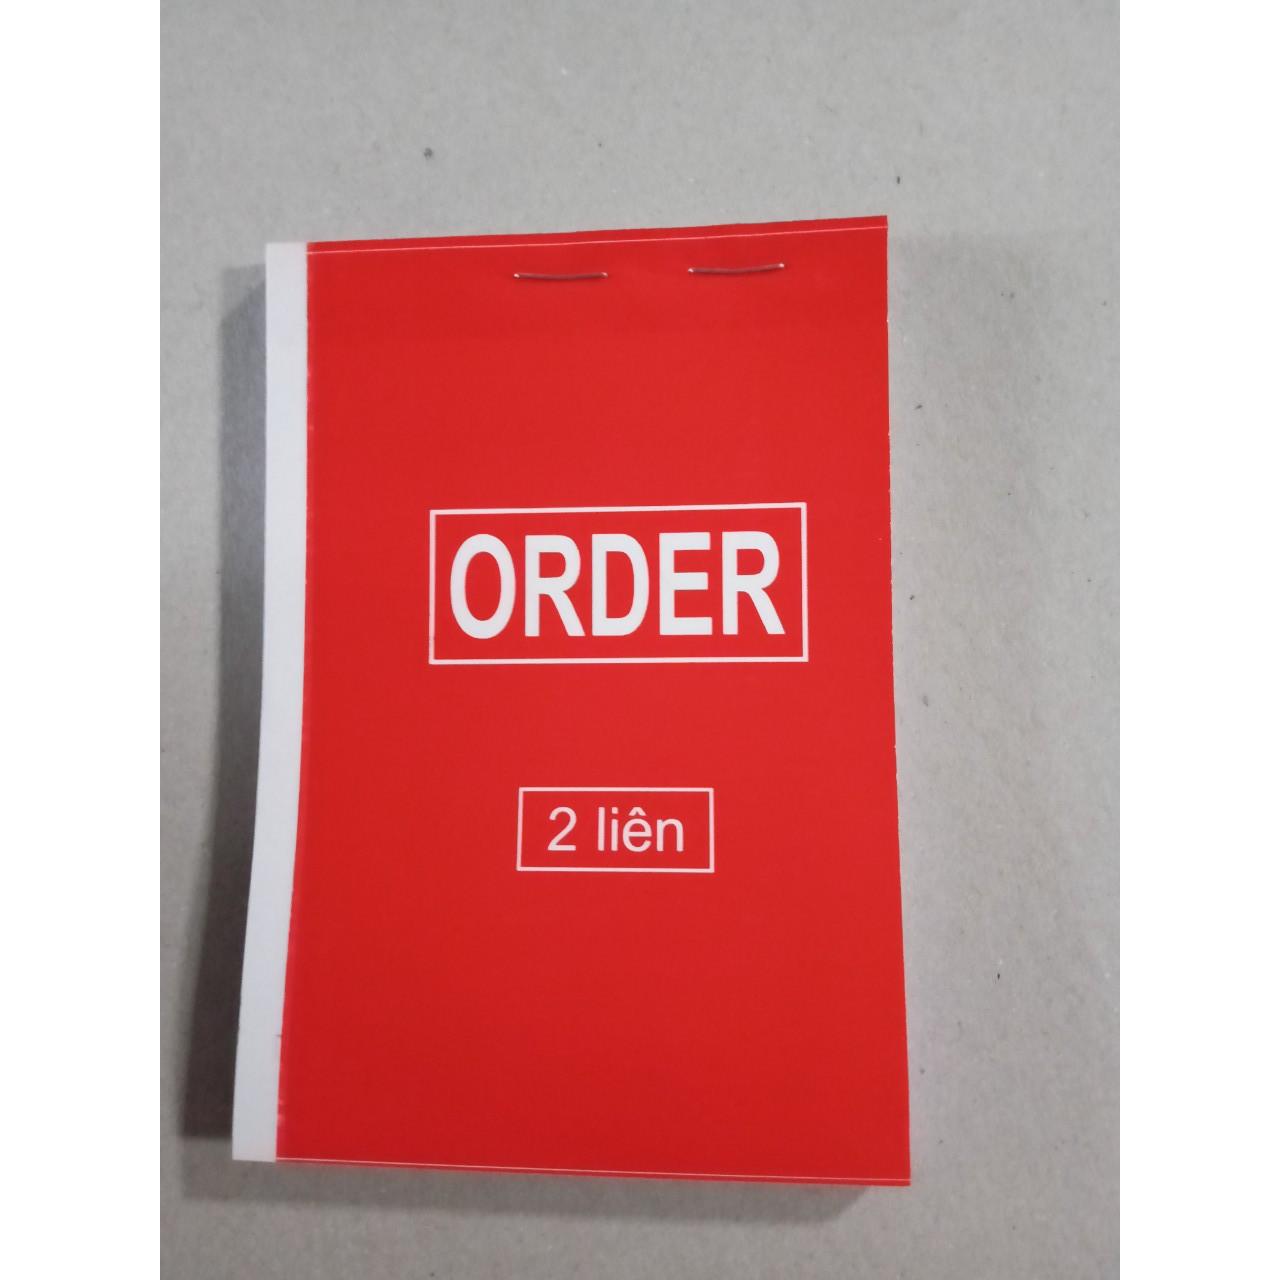 Order 2 liên A6 - Combo 10 quyển